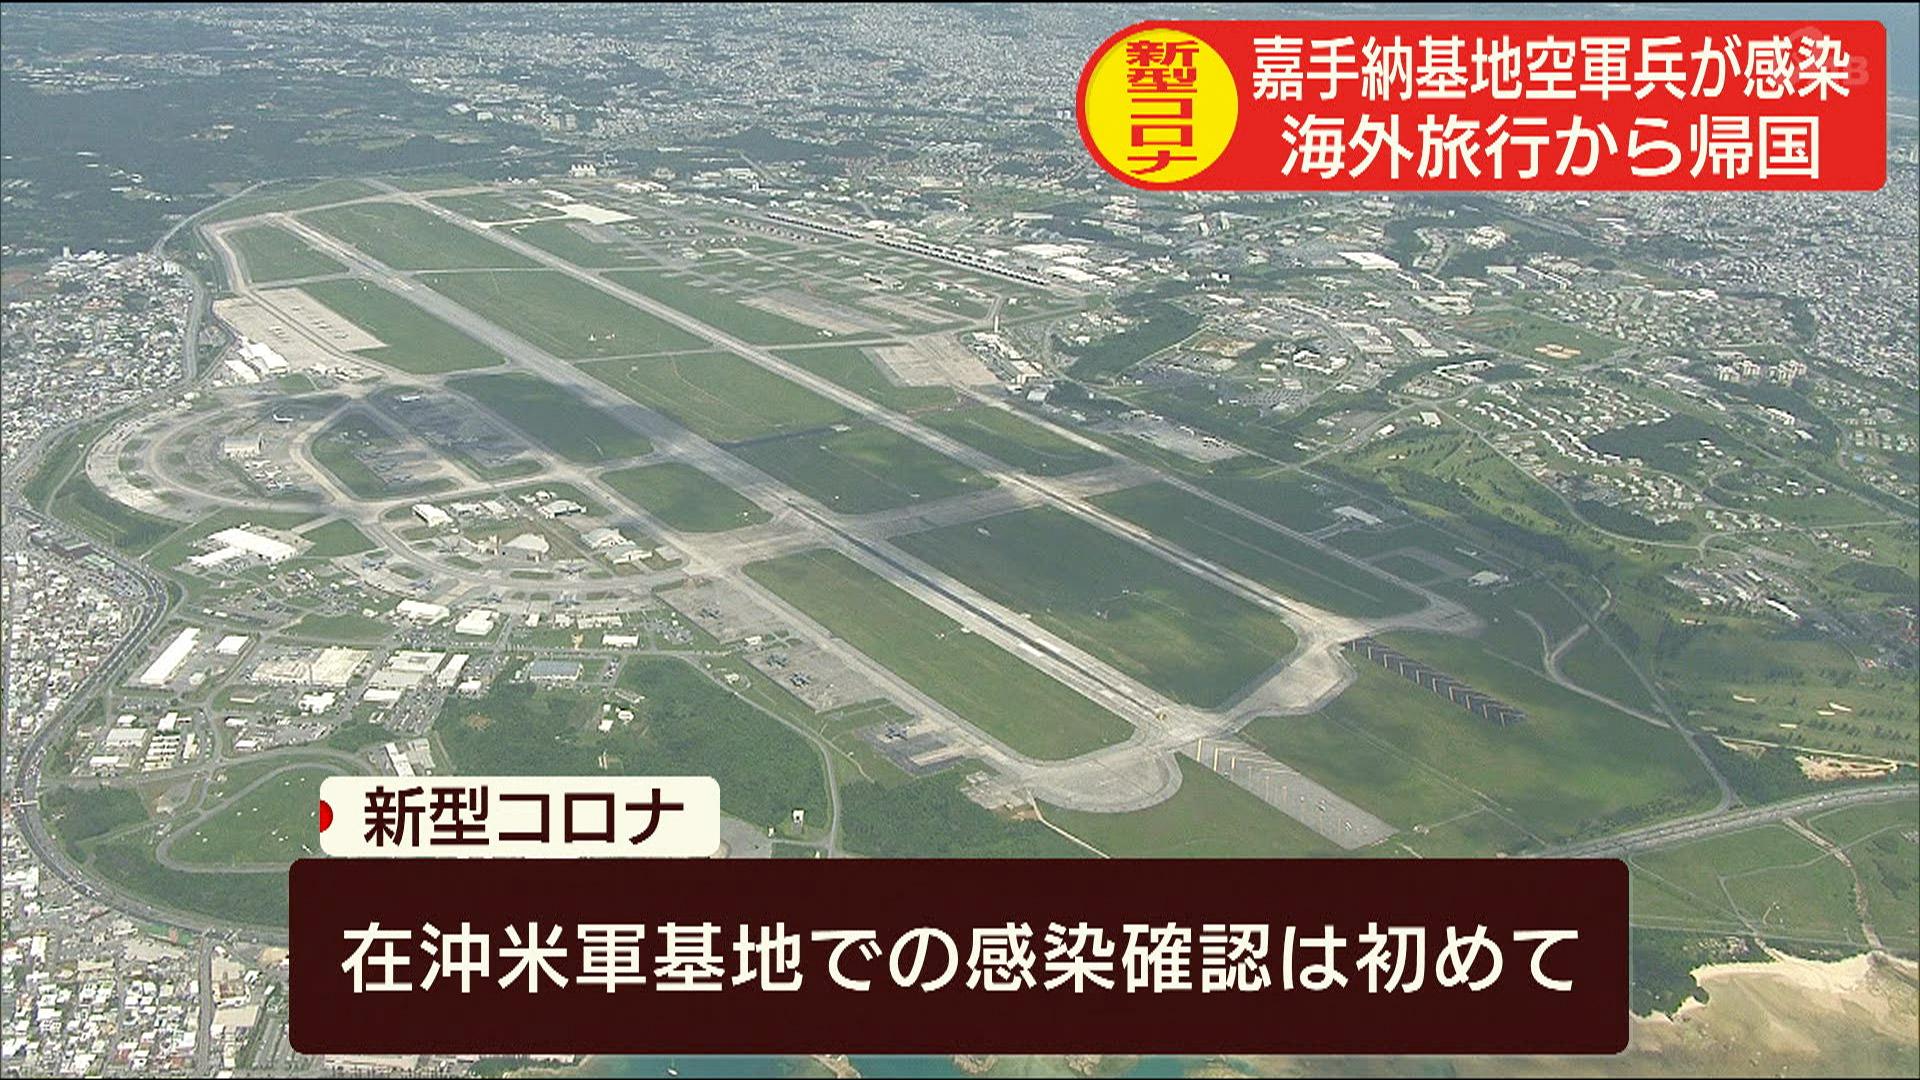 嘉手納基地所属の空軍兵が新型コロナに感染